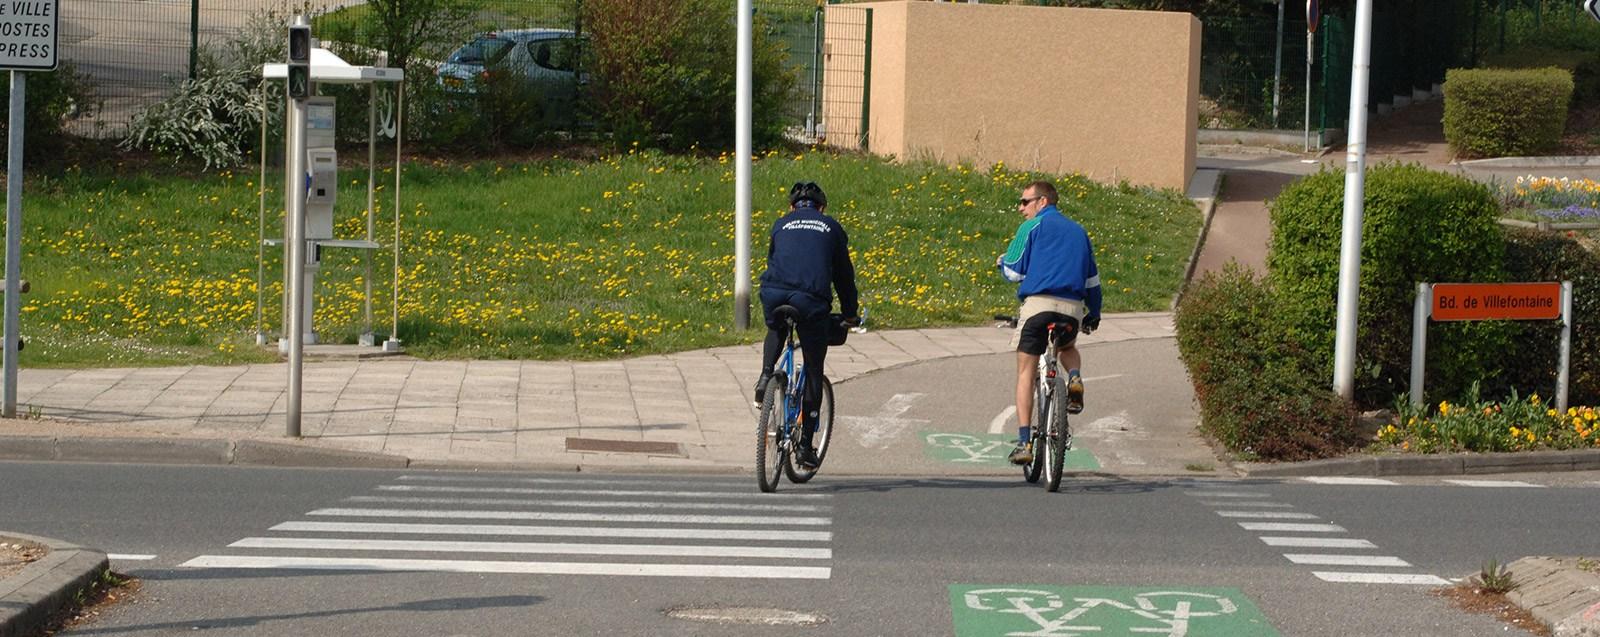 Patrouille à vélo de la Police Municipale Villefontaine